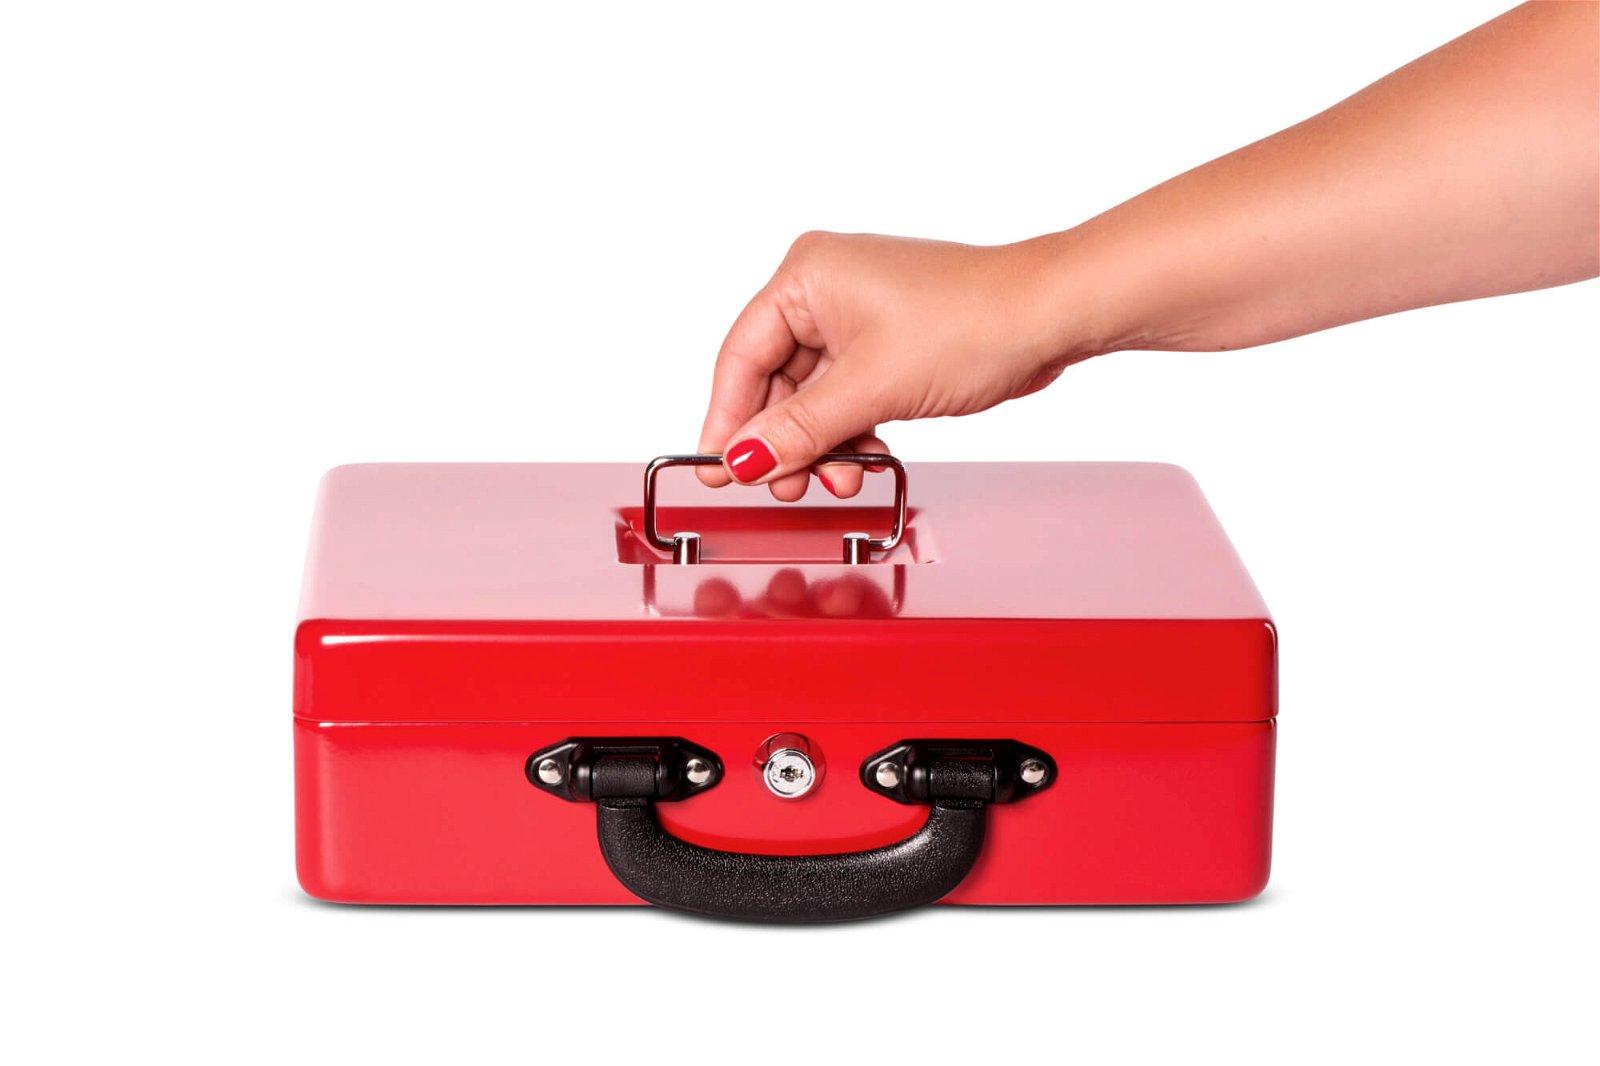 Geldkassette mit Euro-Zähl- -Einsatz, 30 x 24,5 x 9,3 cm, rot